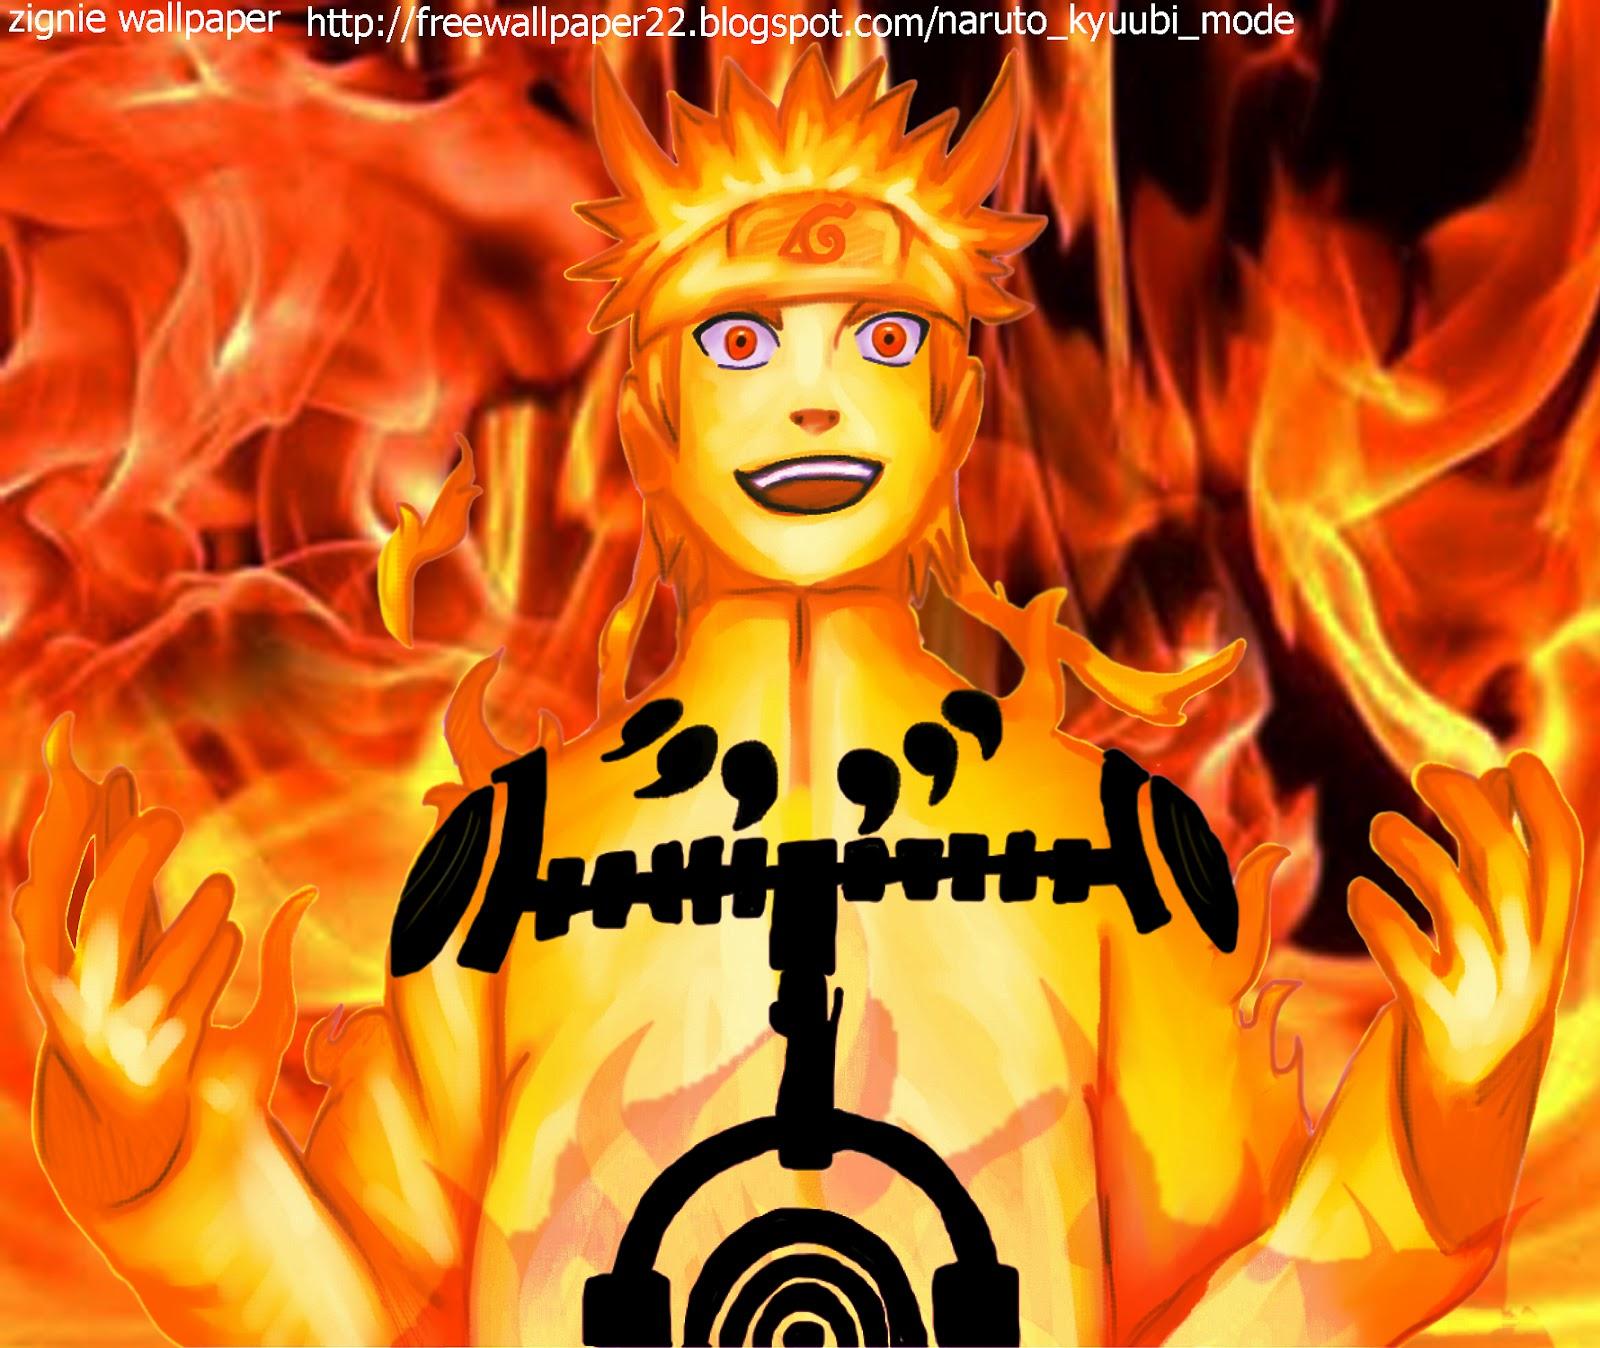 wallpaper: Wallpaper Naruto Biju Mode